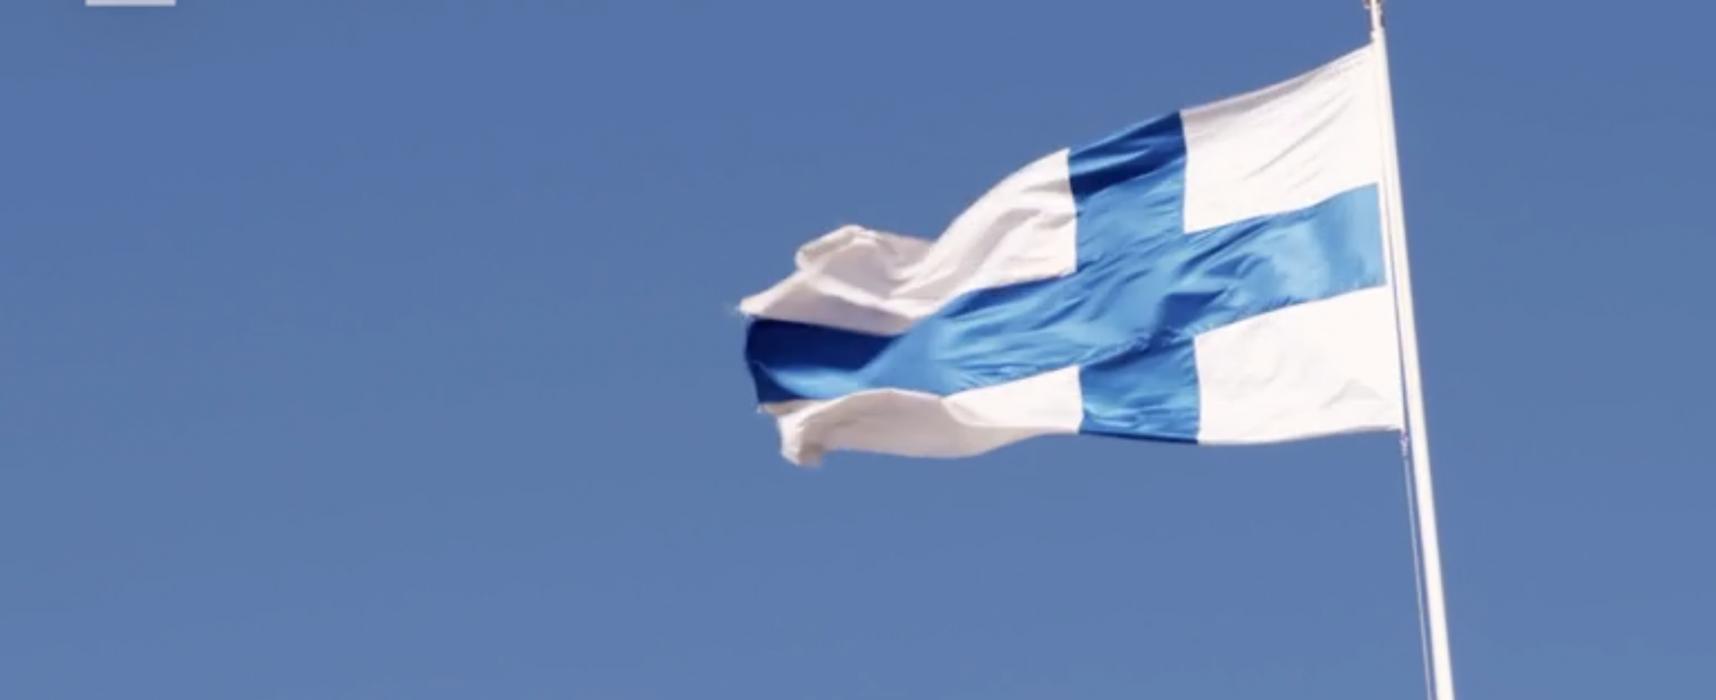 Désinformation: pourquoi la Finlande résiste mieux que les autres pays aux fake news